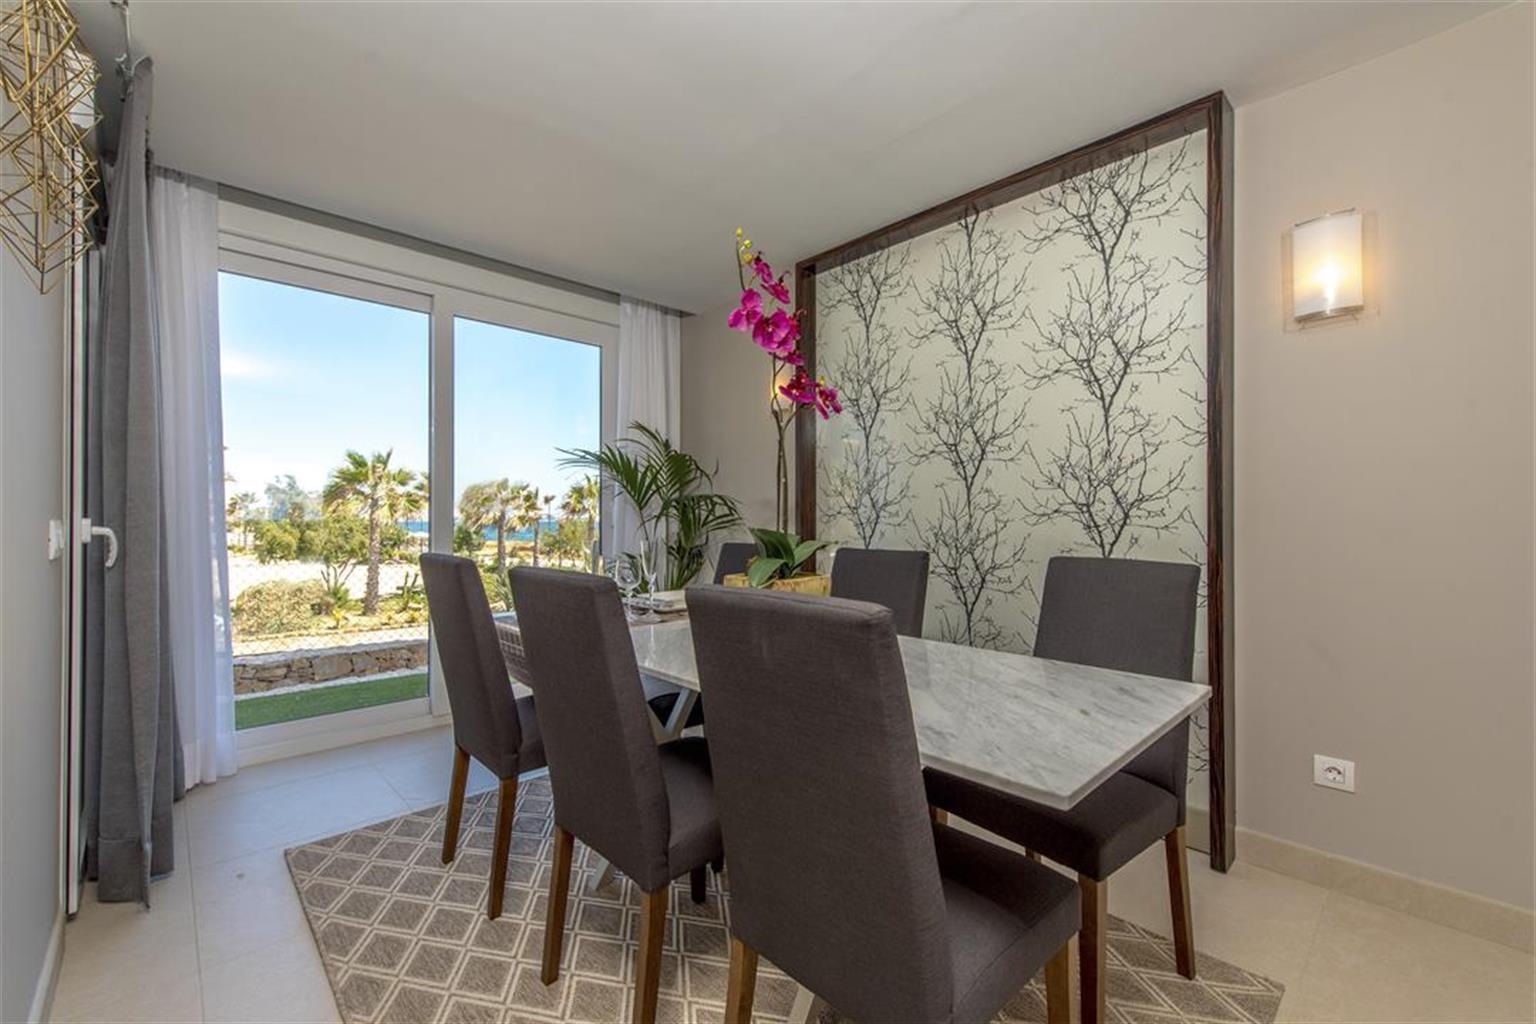 Appartement - Punta Prima - #4231445-6